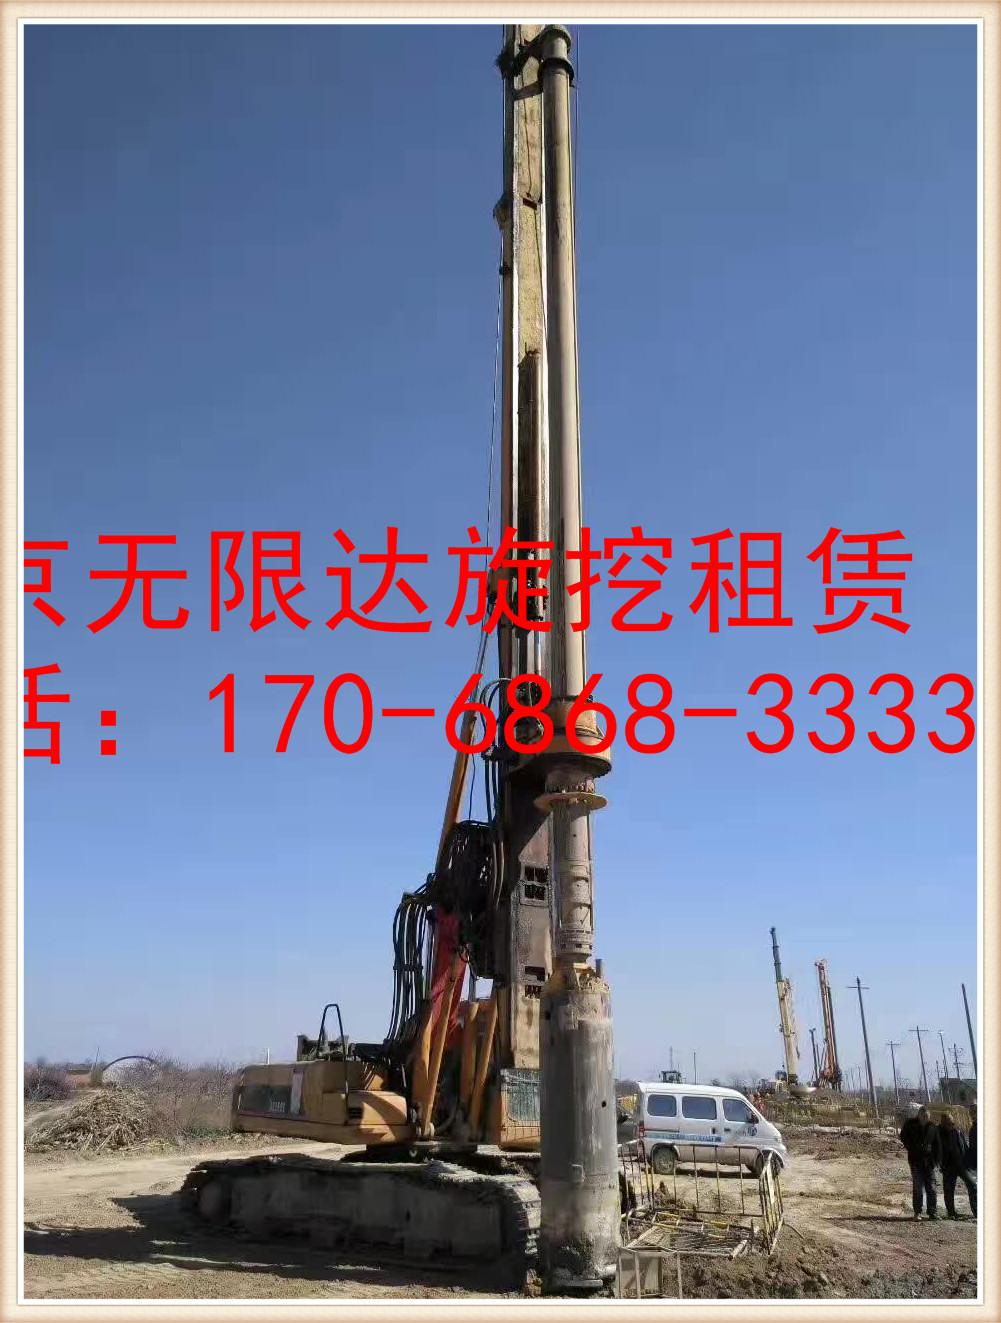 四川绵阳求租220旋挖钻机